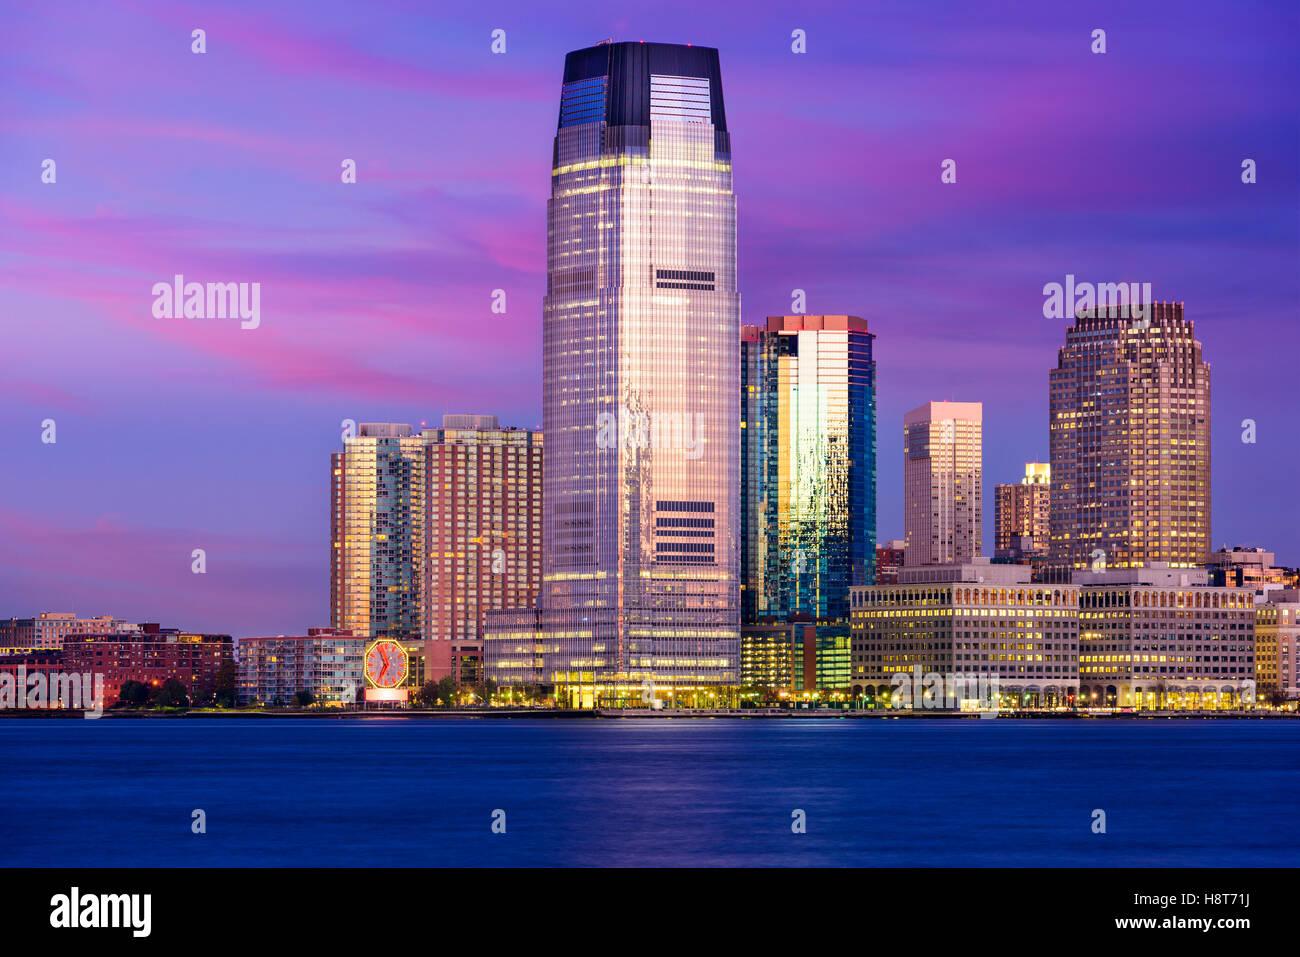 Exchange Place, Jersey City, Nueva Jersey, EE.UU. el horizonte sobre el río Hudson. Imagen De Stock